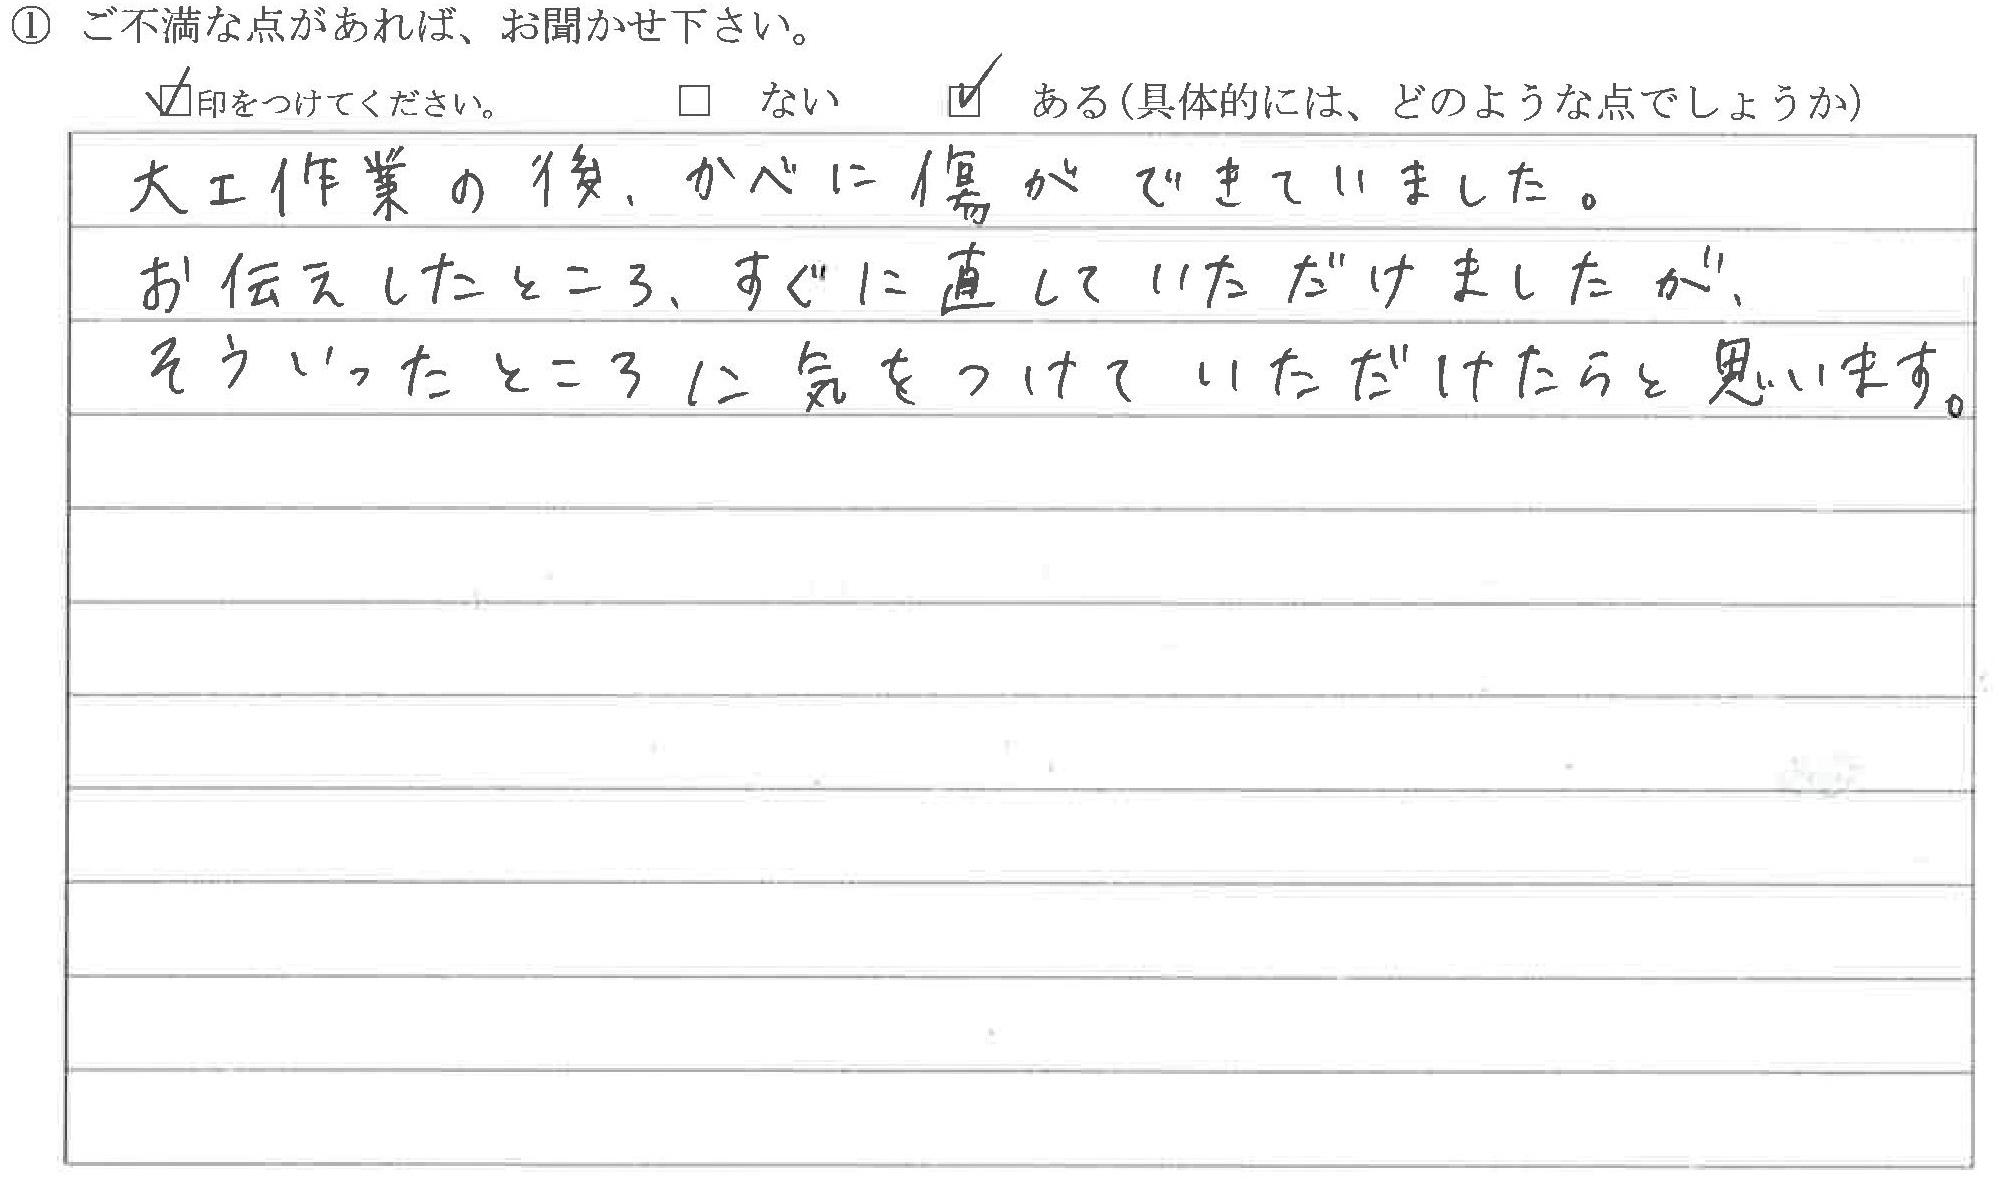 富山県氷見市T様に頂いたトイレ改装工事についてのご不満な点があれば、お聞かせ下さい。というご質問について「トイレ改装工事【ご不満の声】」というお声についての画像